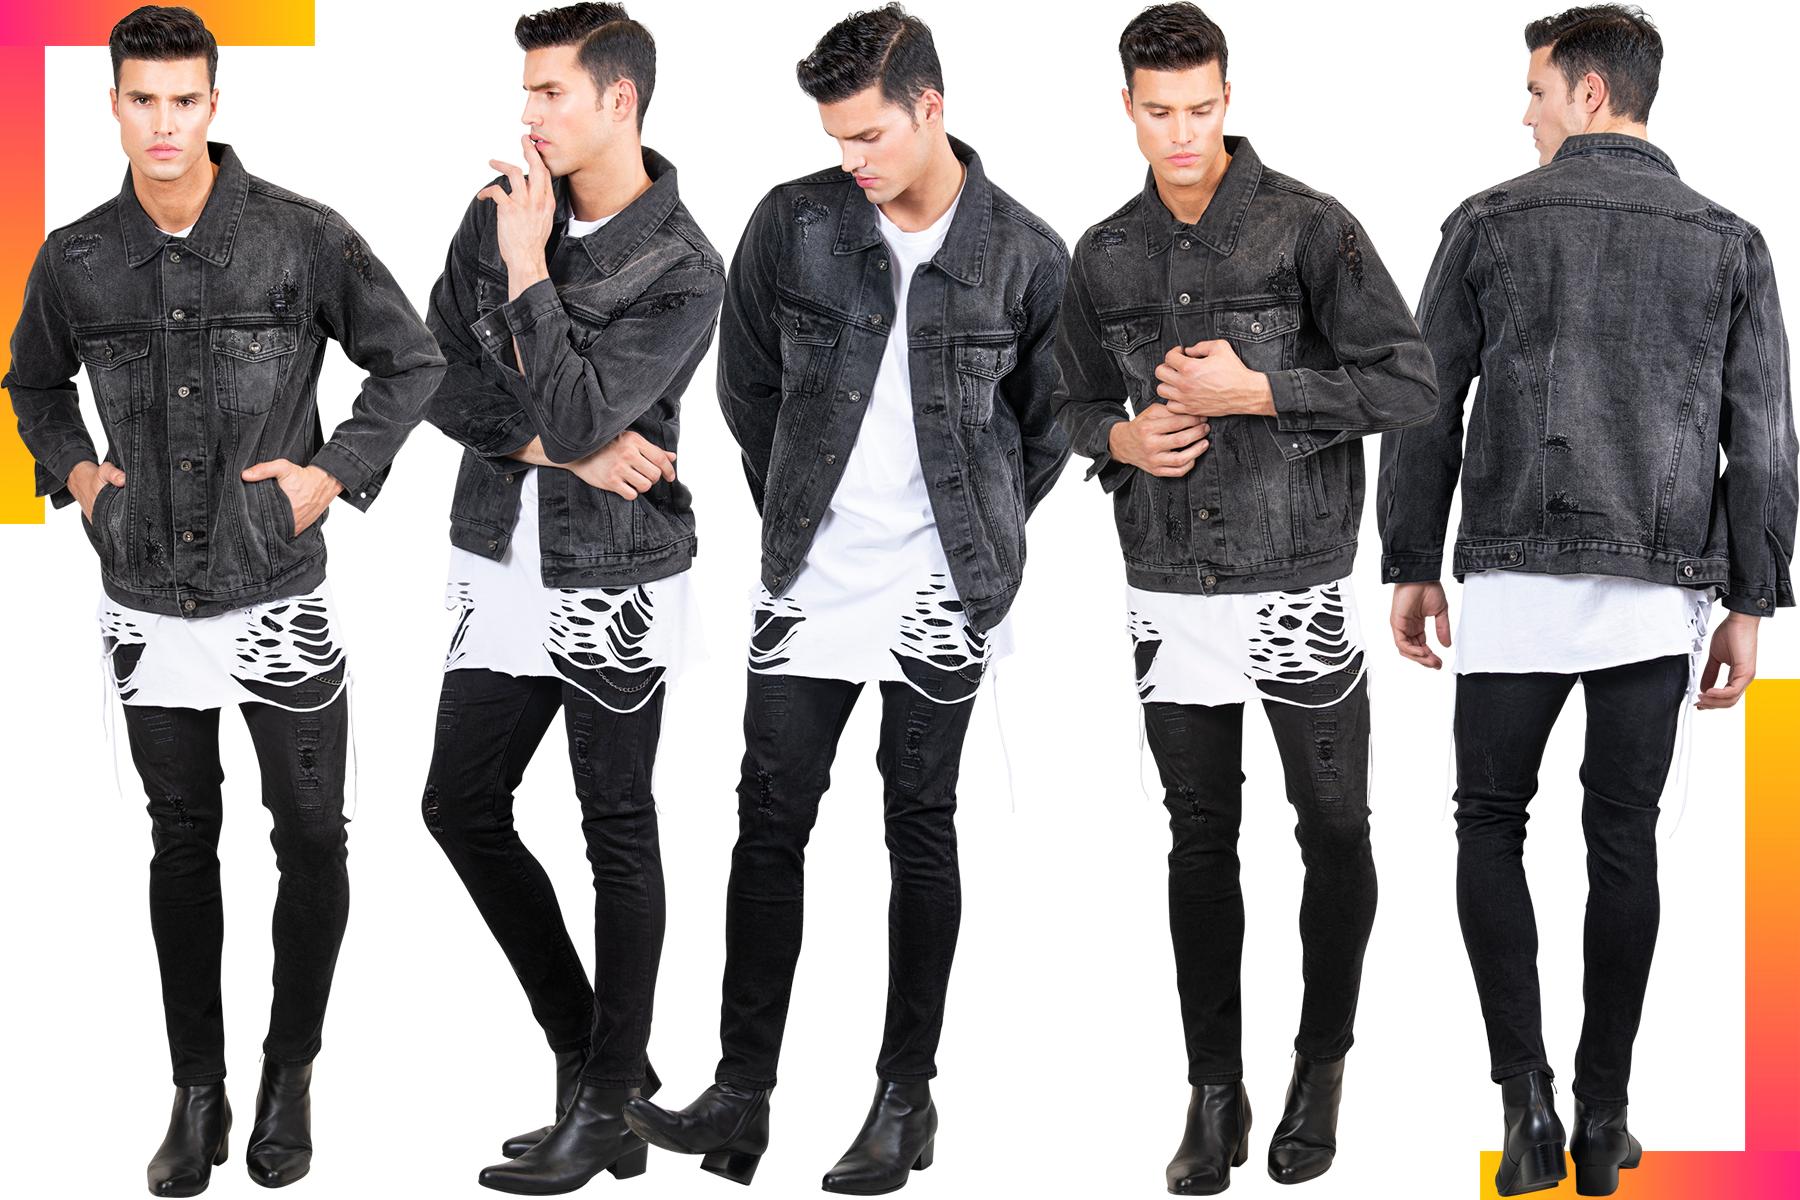 Black Denim Distressed Denim Jacket for Men   Men's Jean Jacket   LEORICCI